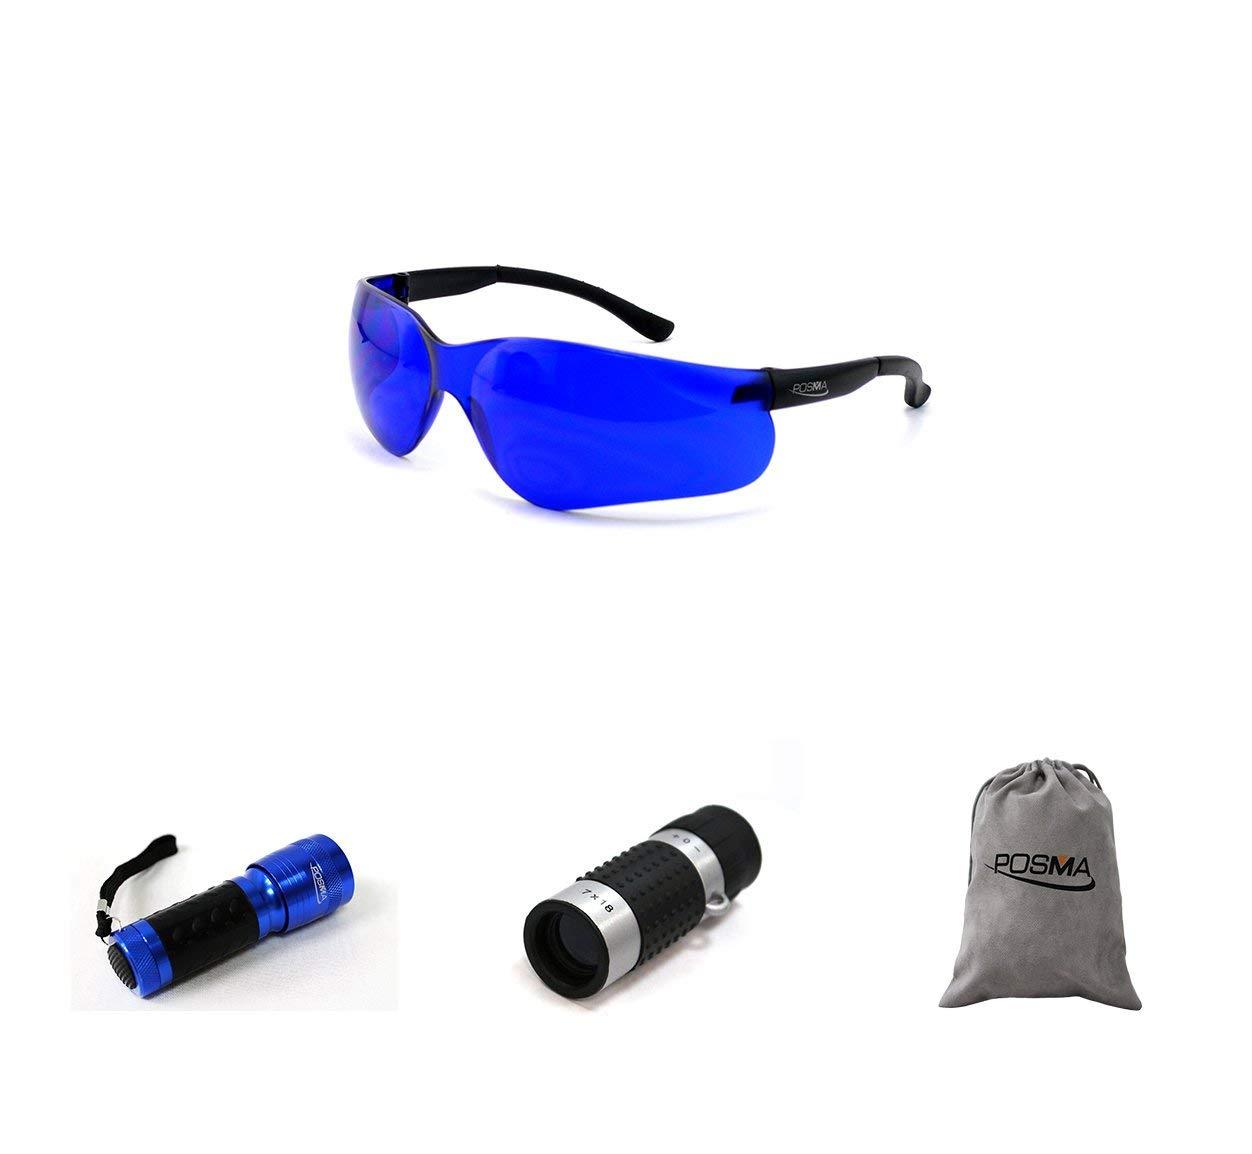 POSMA SGG-040D Golf Ball Finder Glasses Bundle Set with Golf Ball Finder Torch Ultraviolet UV Flashlight + Golf Rangefinder High Definition Mini Monocular Pocket Scope Flannel Storage Bag